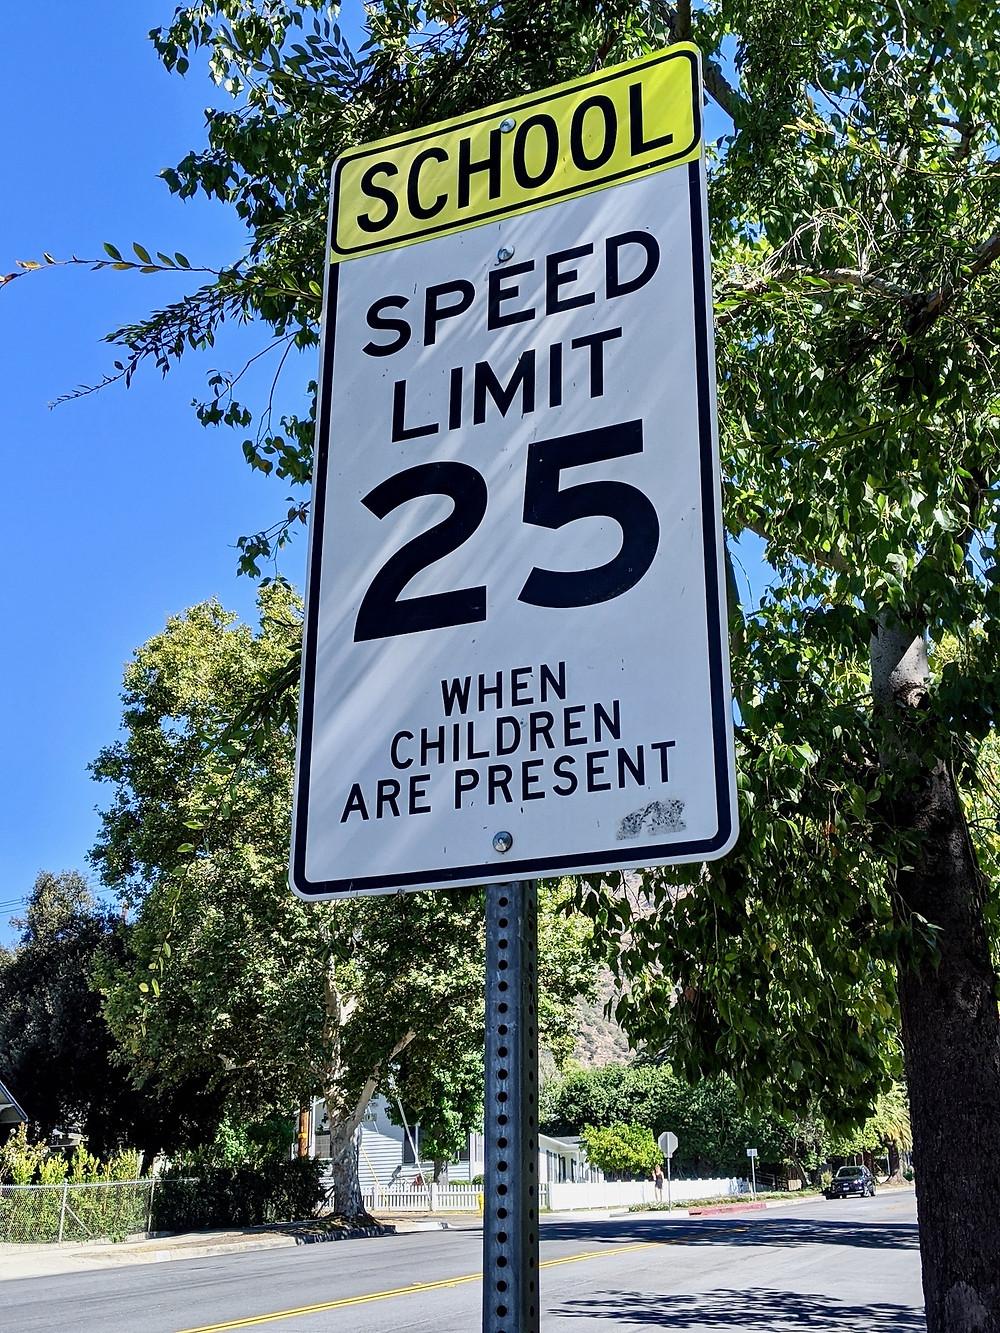 School speed limit sign